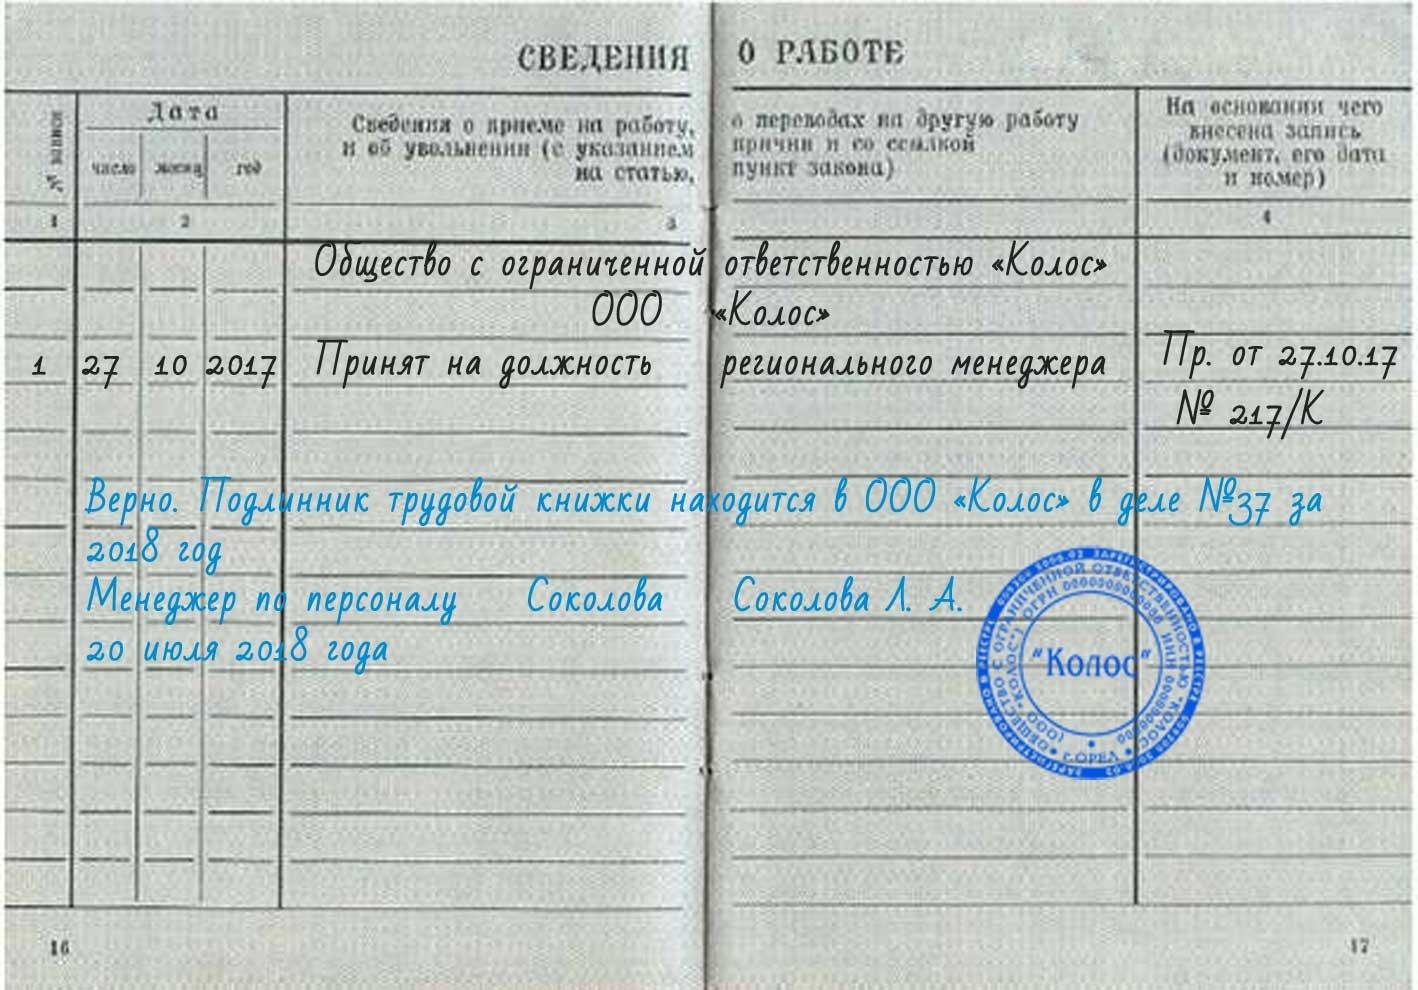 Кто имеет право заверять копии трудовых книжек